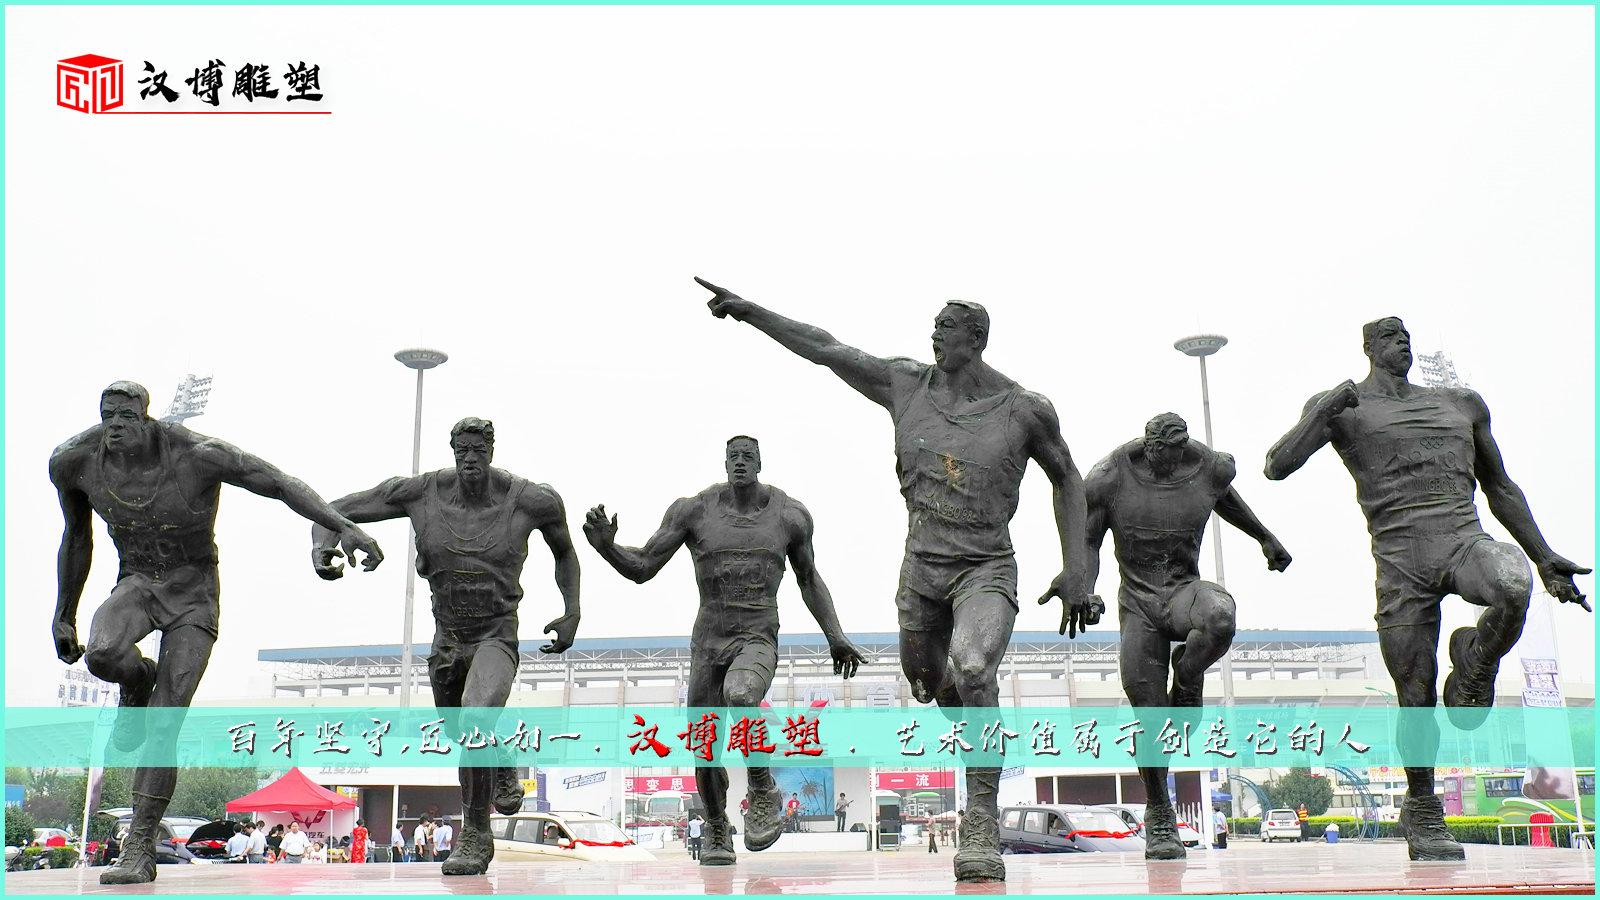 运动人物铸铜雕塑,运动让生命充满健康